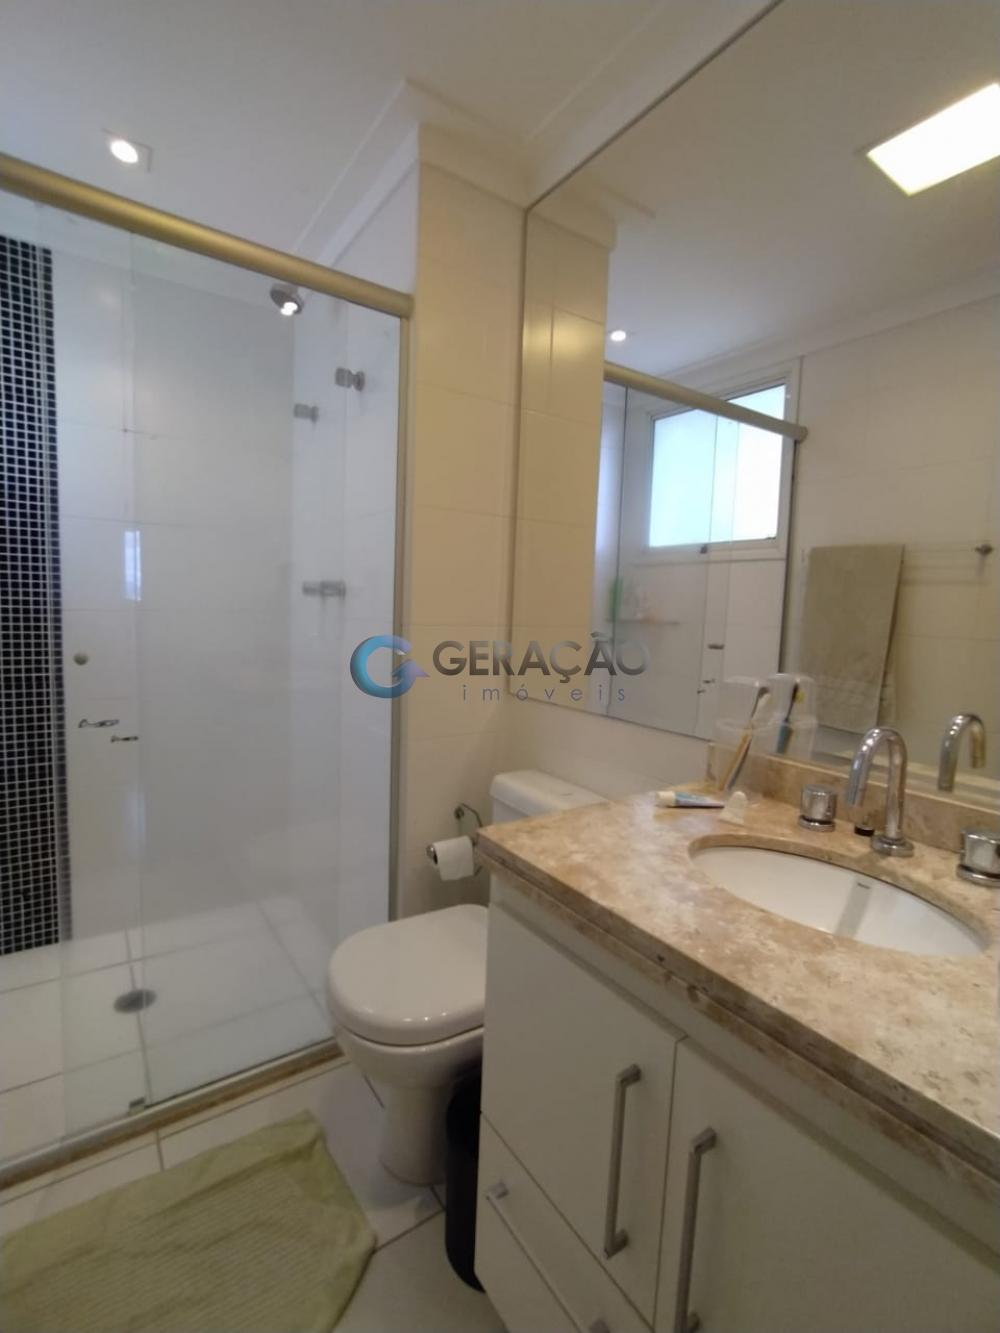 Alugar Apartamento / Padrão em São José dos Campos R$ 7.600,00 - Foto 21